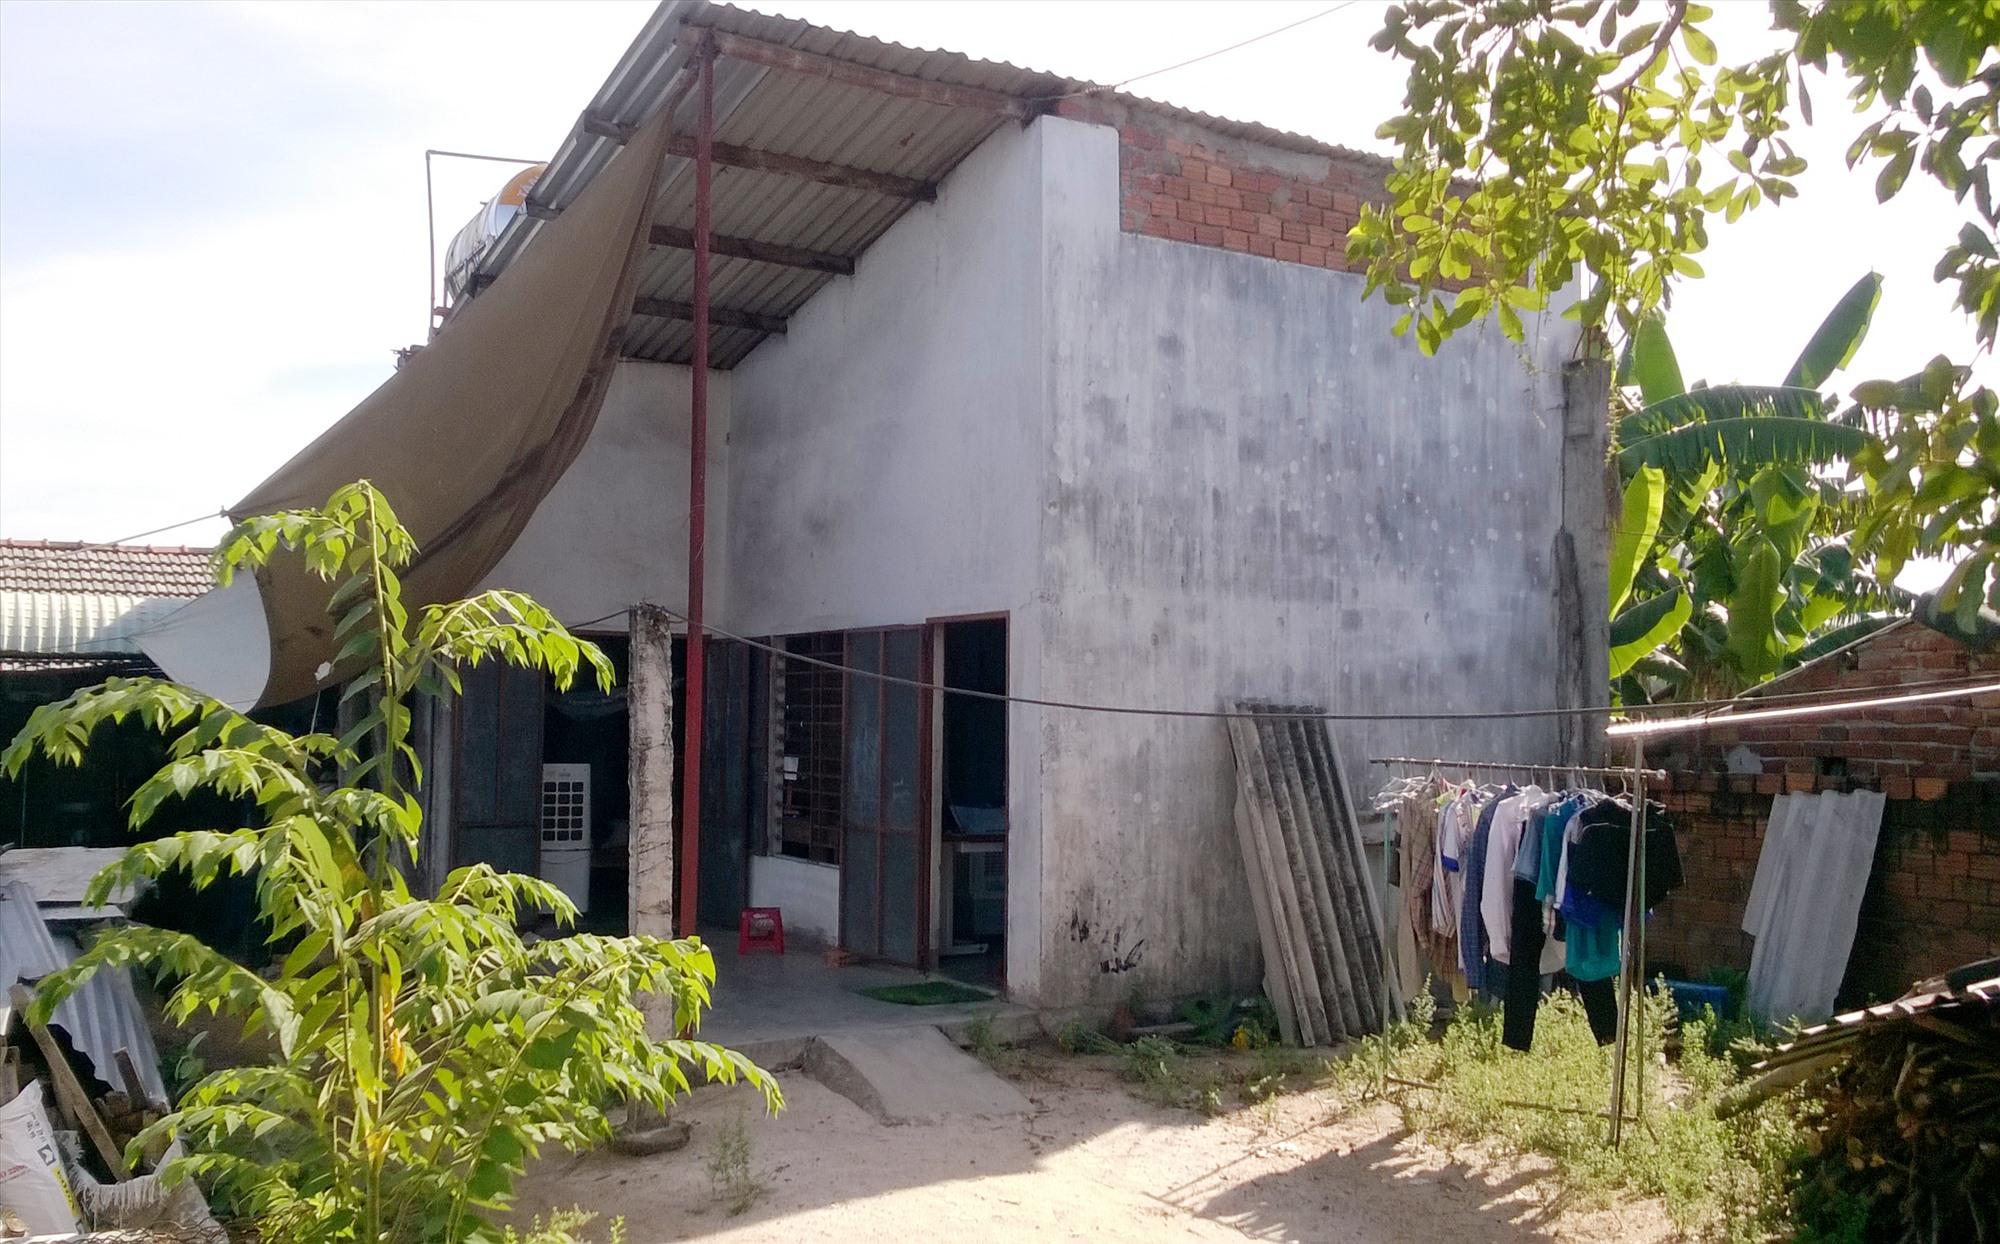 Ngôi nhà nhỏ chưa kịp sửa lại của gia đình chị Võ Thị Nhung. Ảnh: H.Q.T